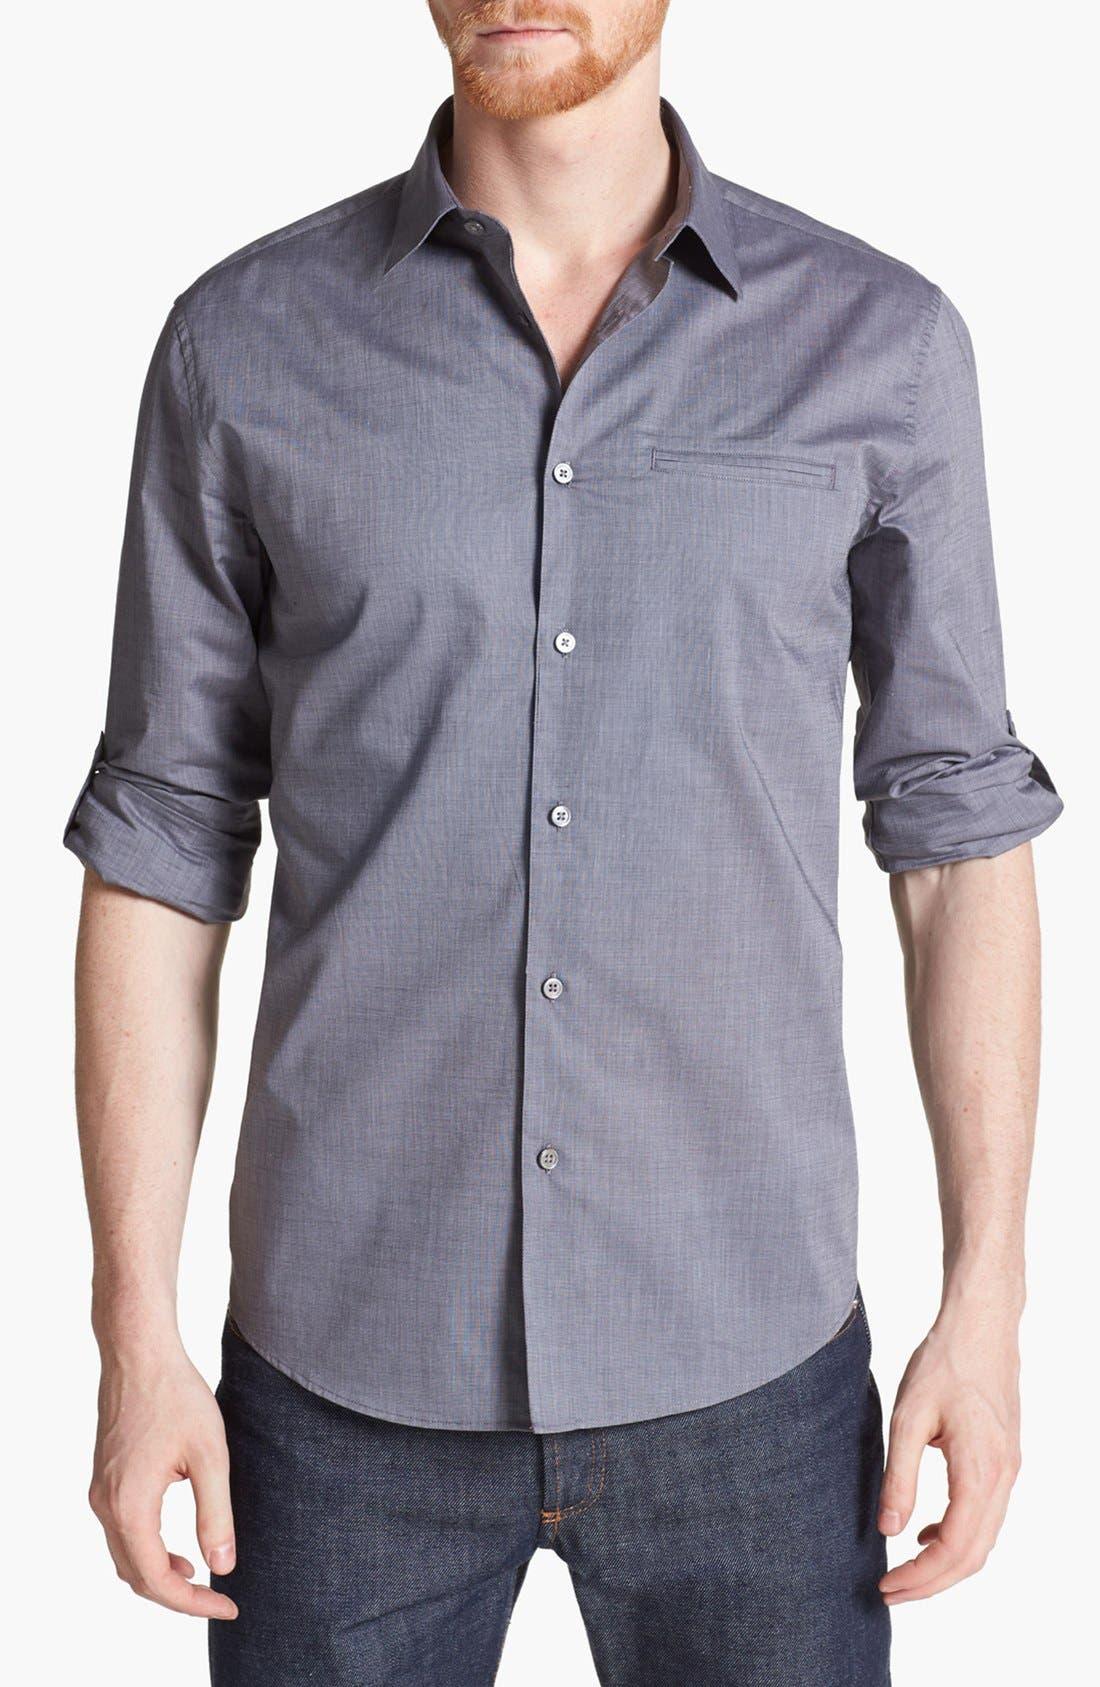 Main Image - John Varvatos Collection Slim Fit Cotton Woven Shirt